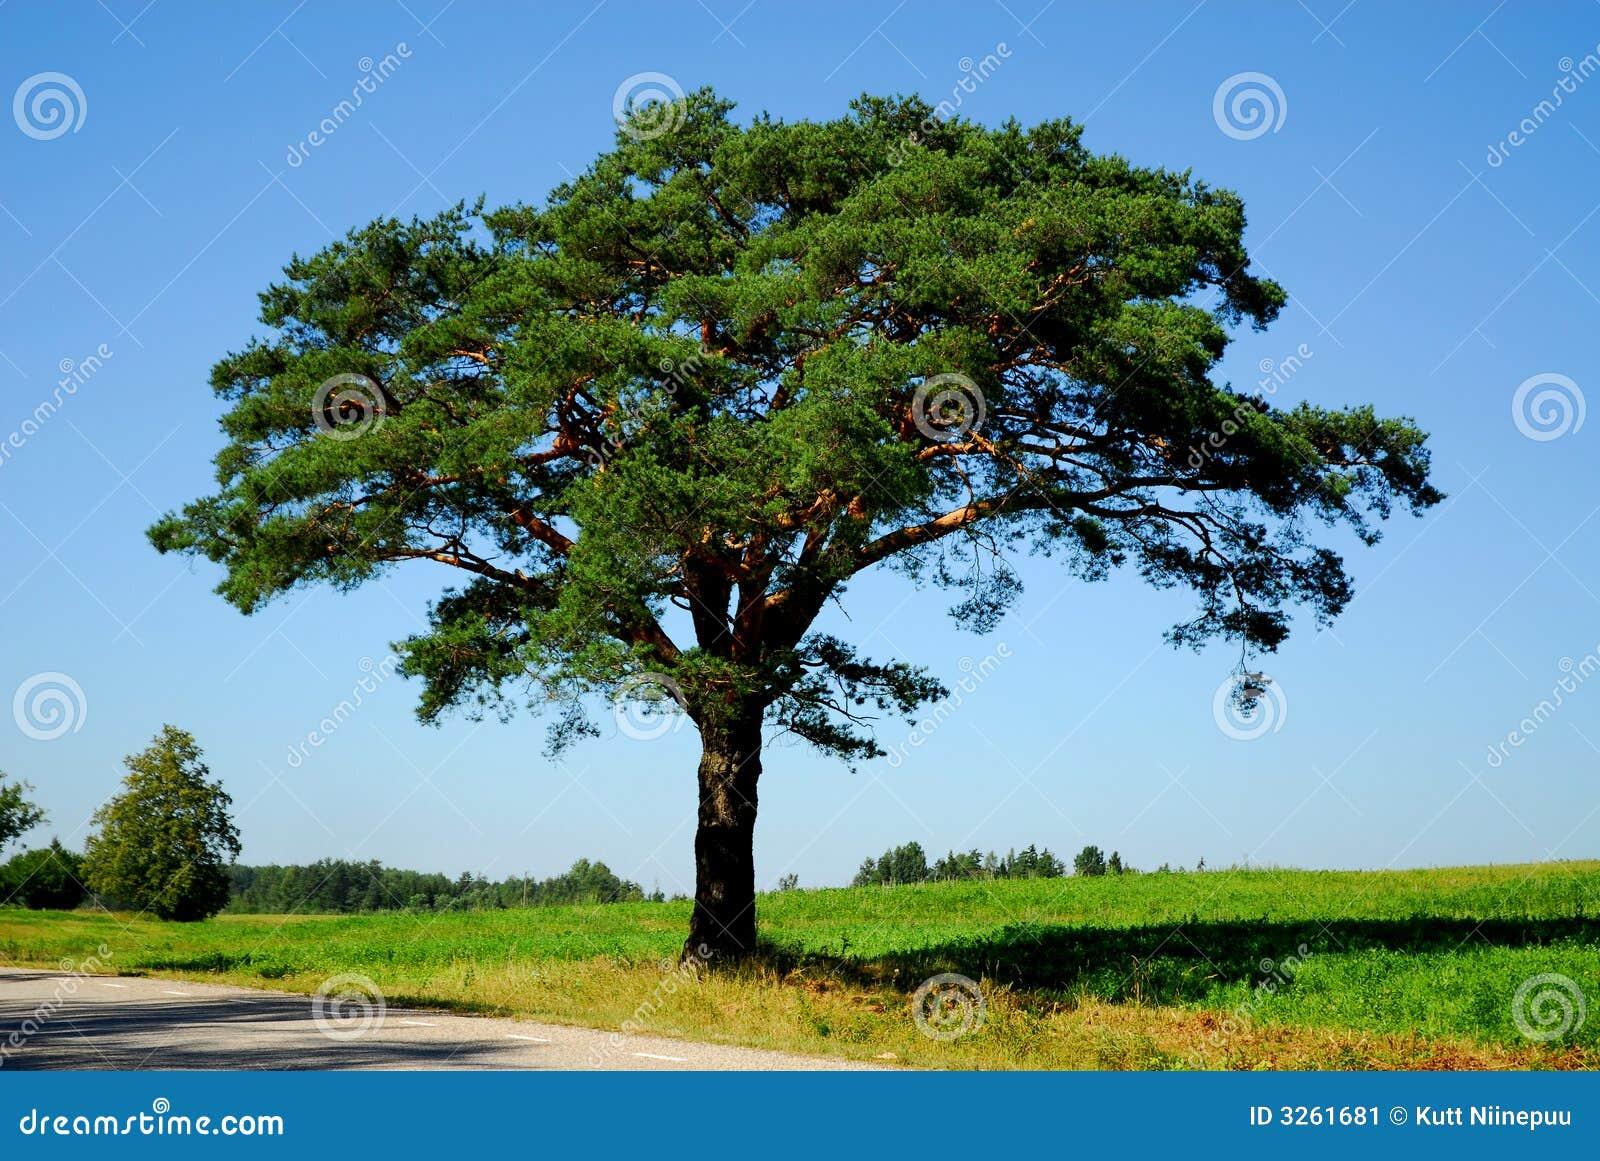 arbre de pin par la route image stock image 3261681. Black Bedroom Furniture Sets. Home Design Ideas